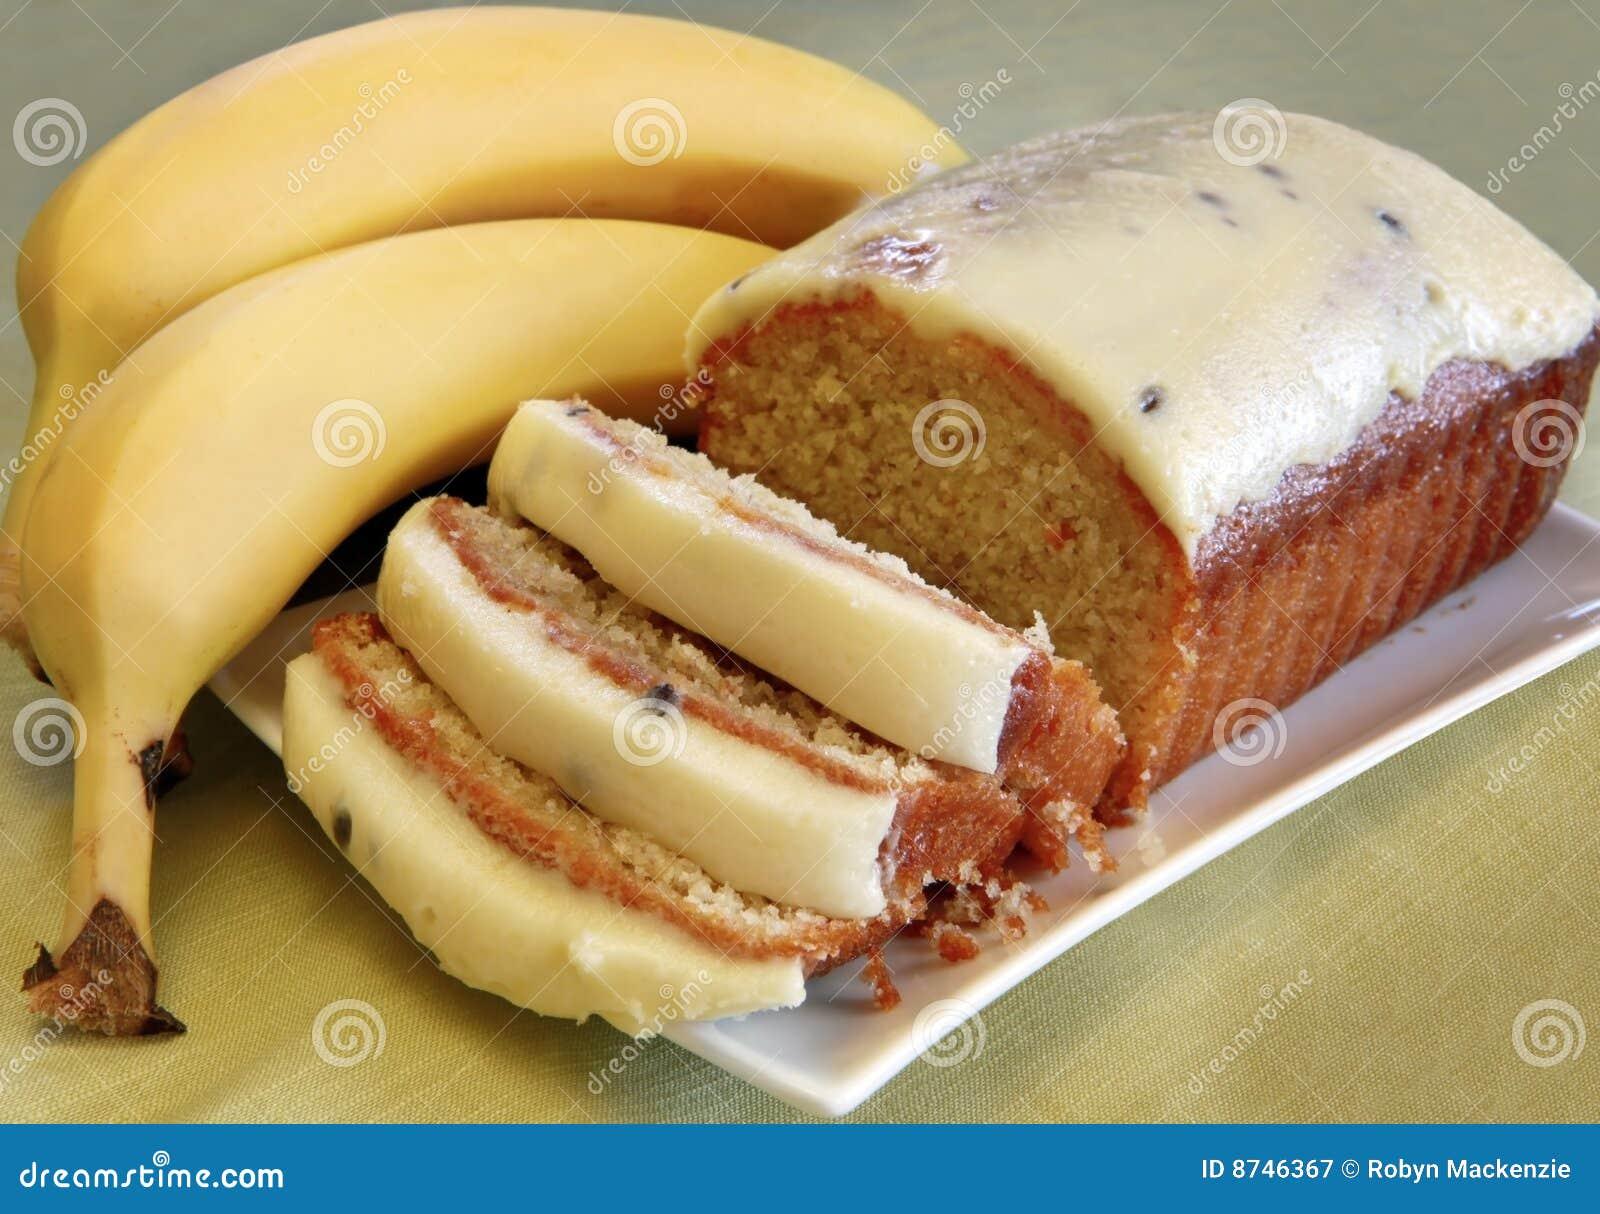 Cake Recipes Banana Loaf